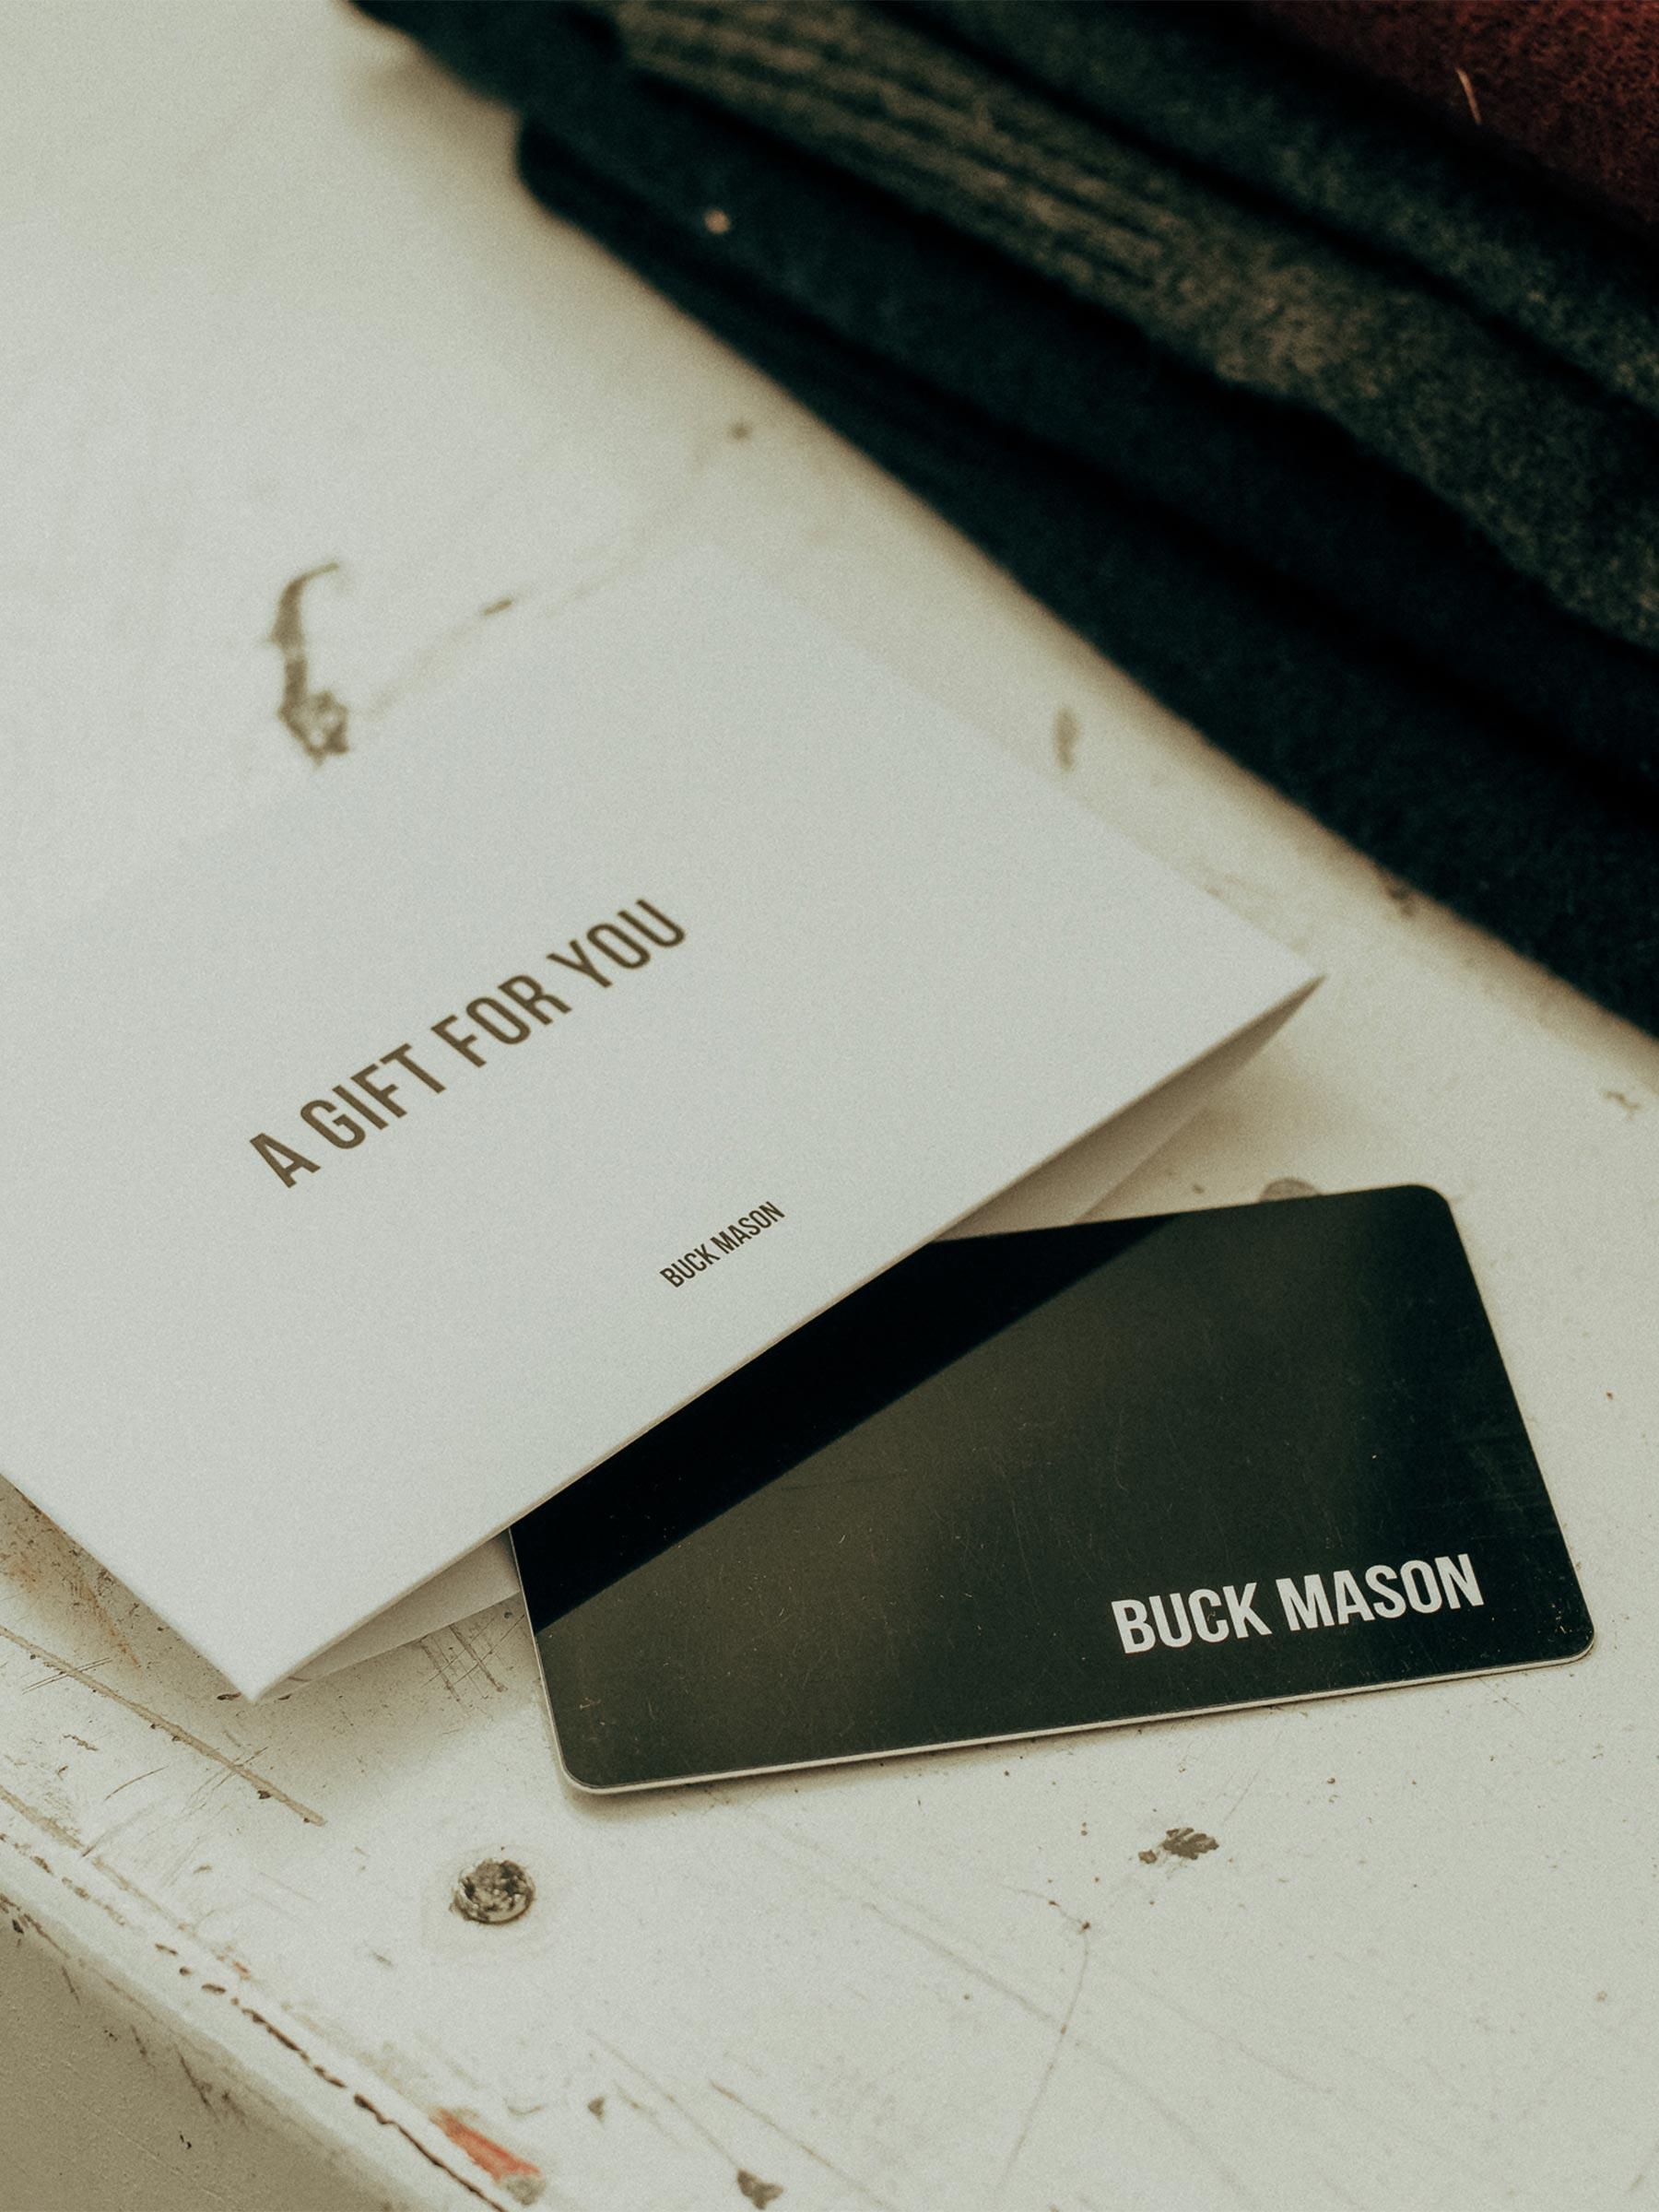 Buck Mason - Gift Card